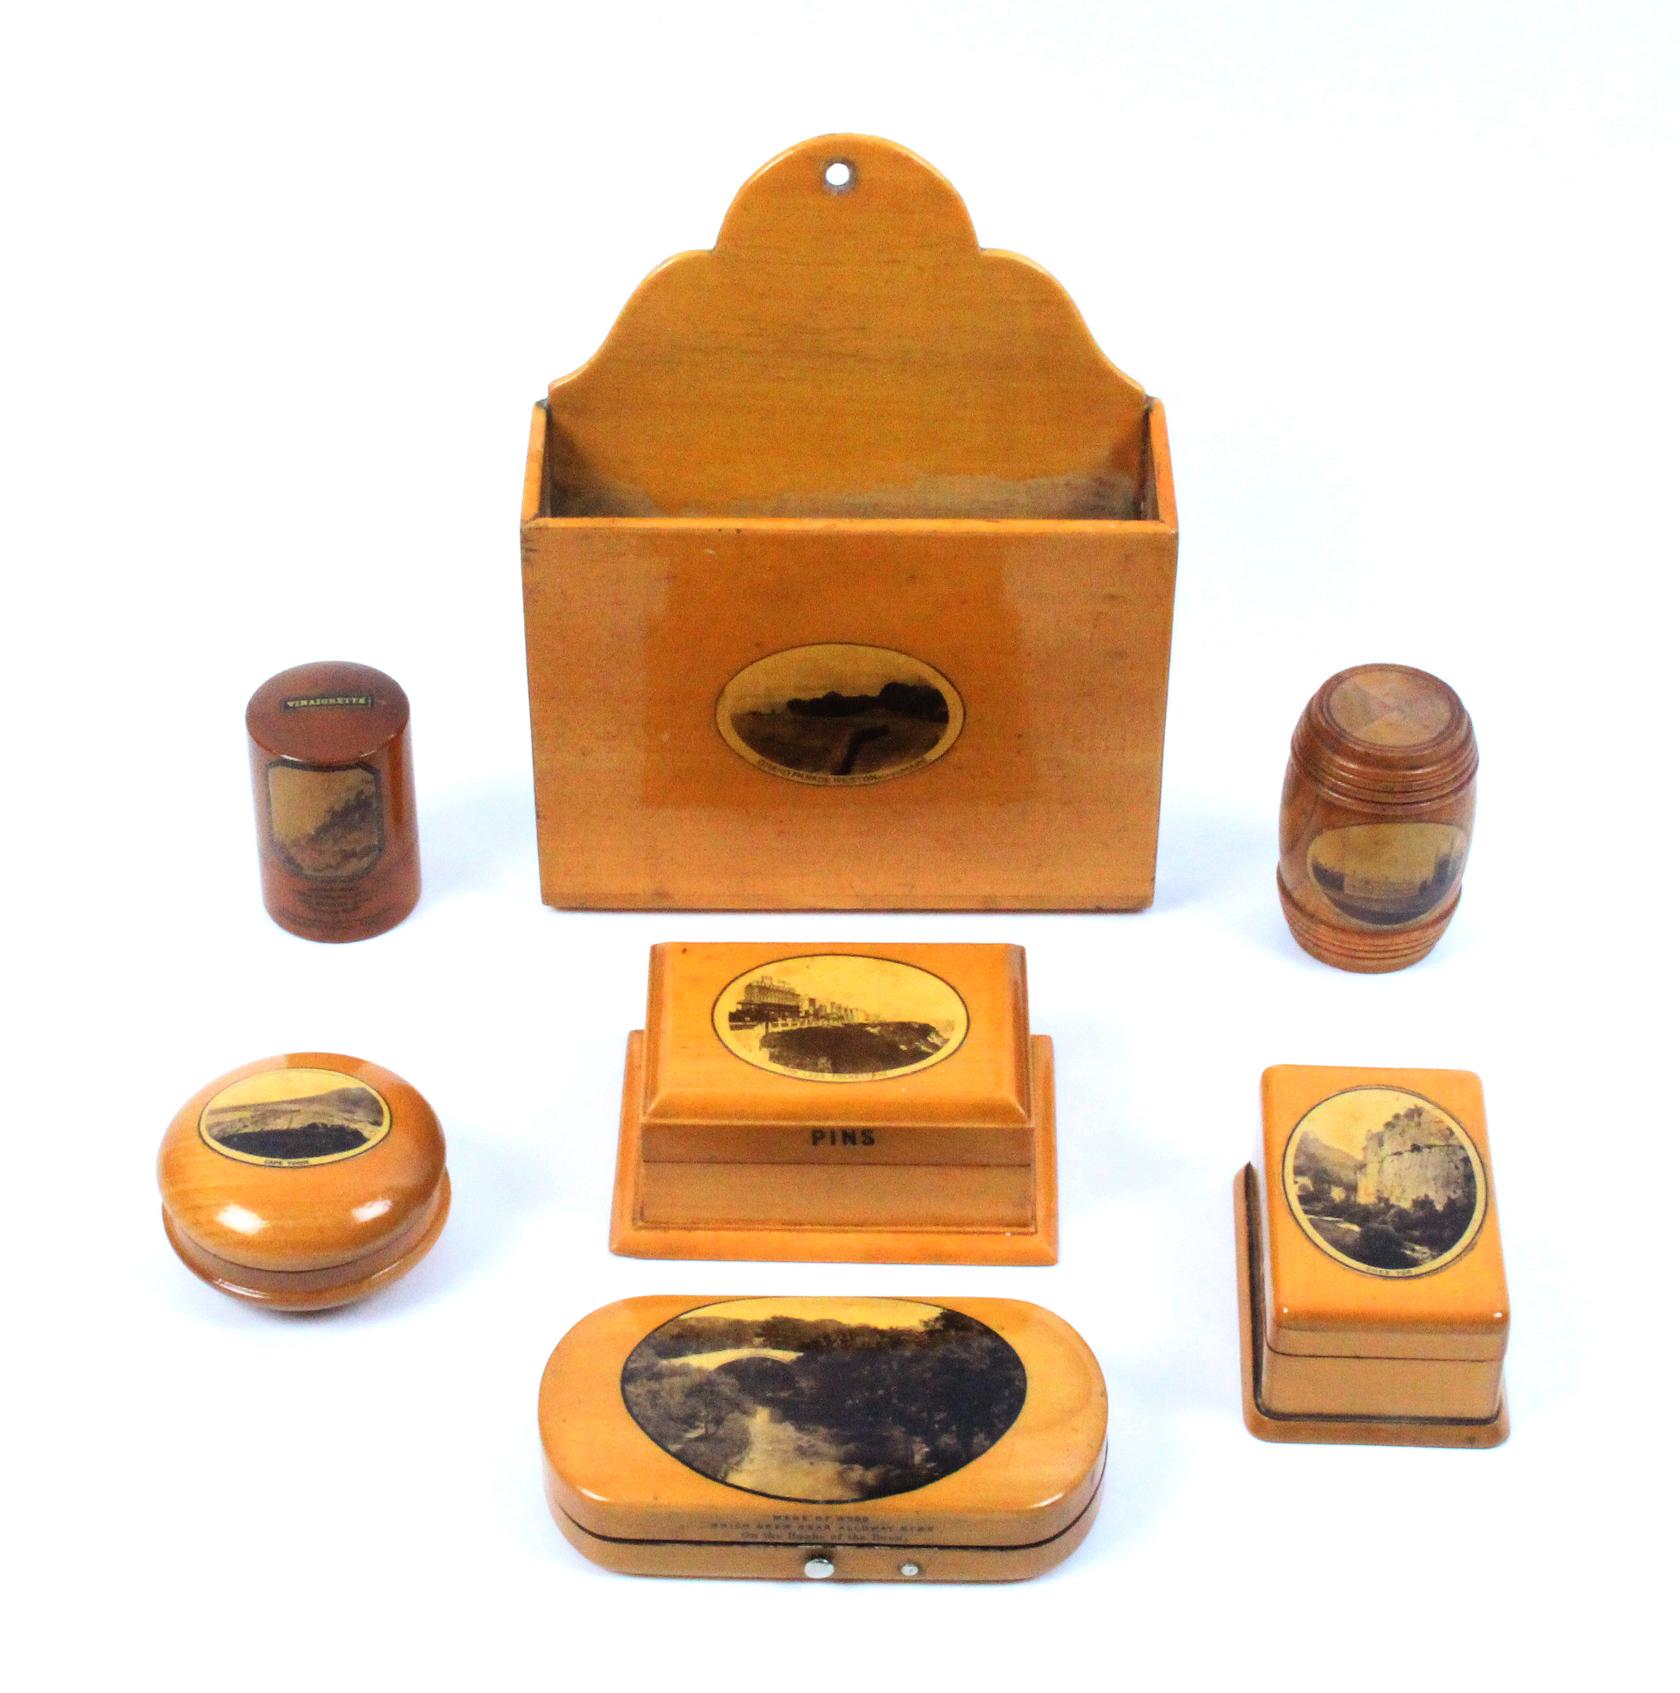 Mauchline ware - seven pieces - all photographic comprising a barrel in alternate segments (Clare